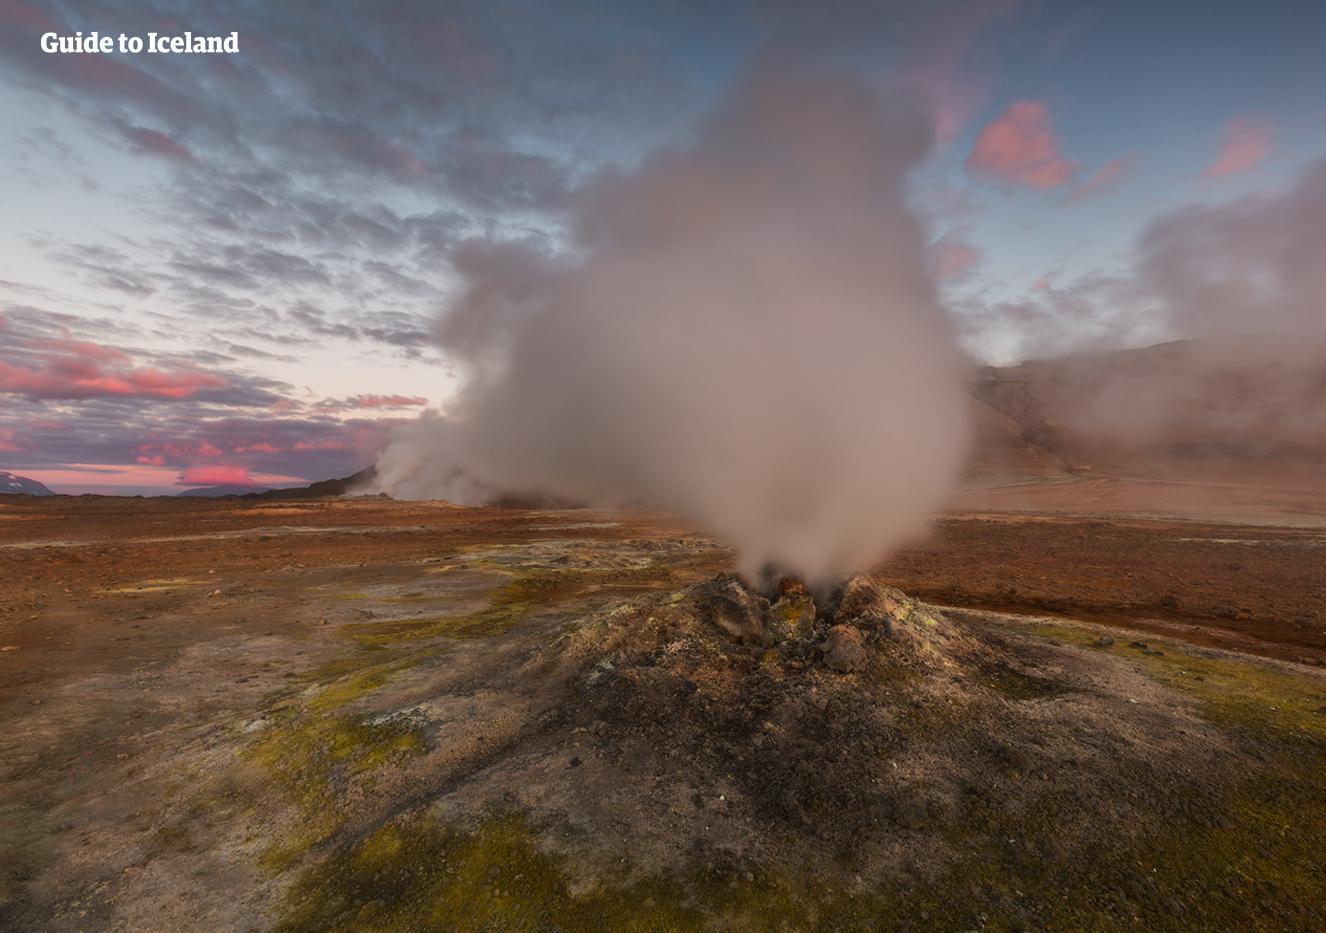 ไอน้ำพวยพุ่งในเขตพลังงานความร้อนใต้พิภพที่ทะเลสาบมิวาทน์ในทางเหนือของไอซ์แลนด์